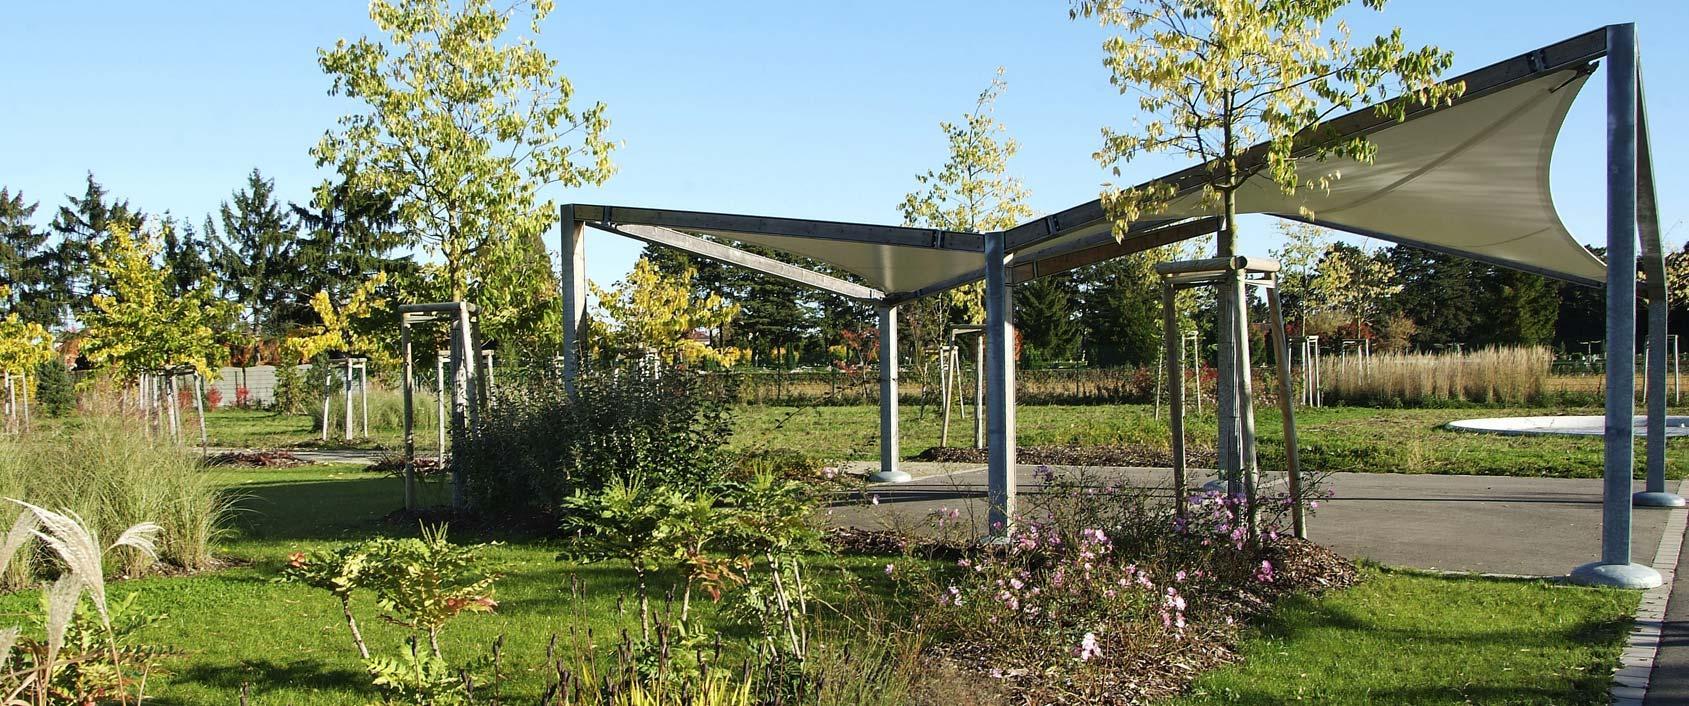 Scop espaces verts am nagement et entretien du paysage for Espace vert urbain